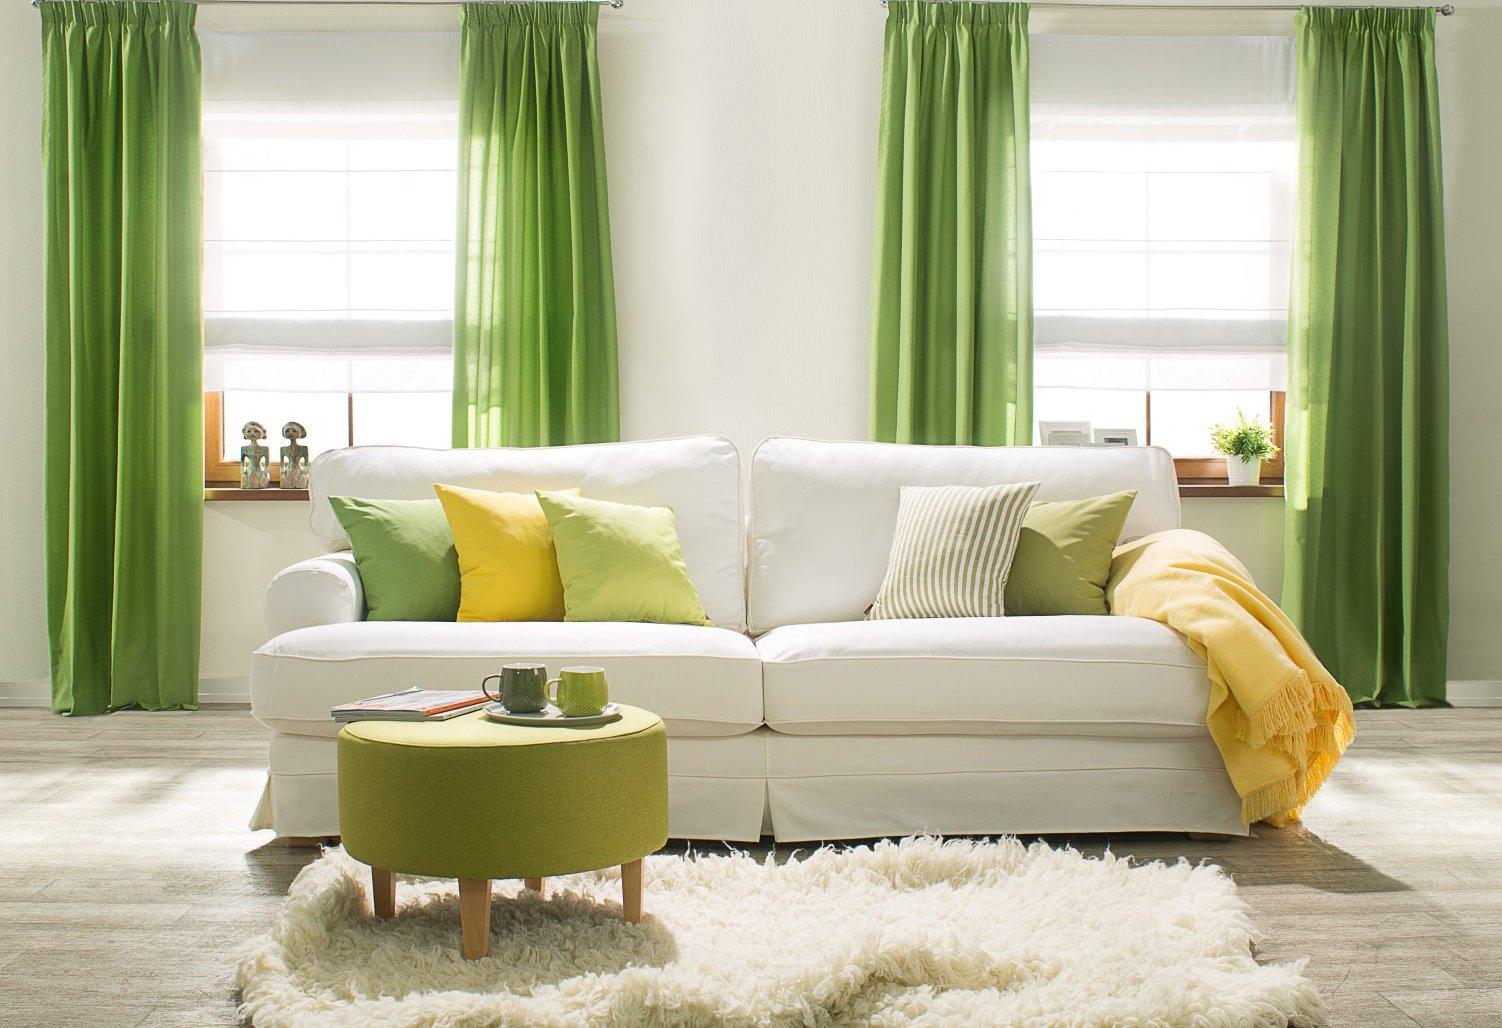 Salon w wiosennych kolorach